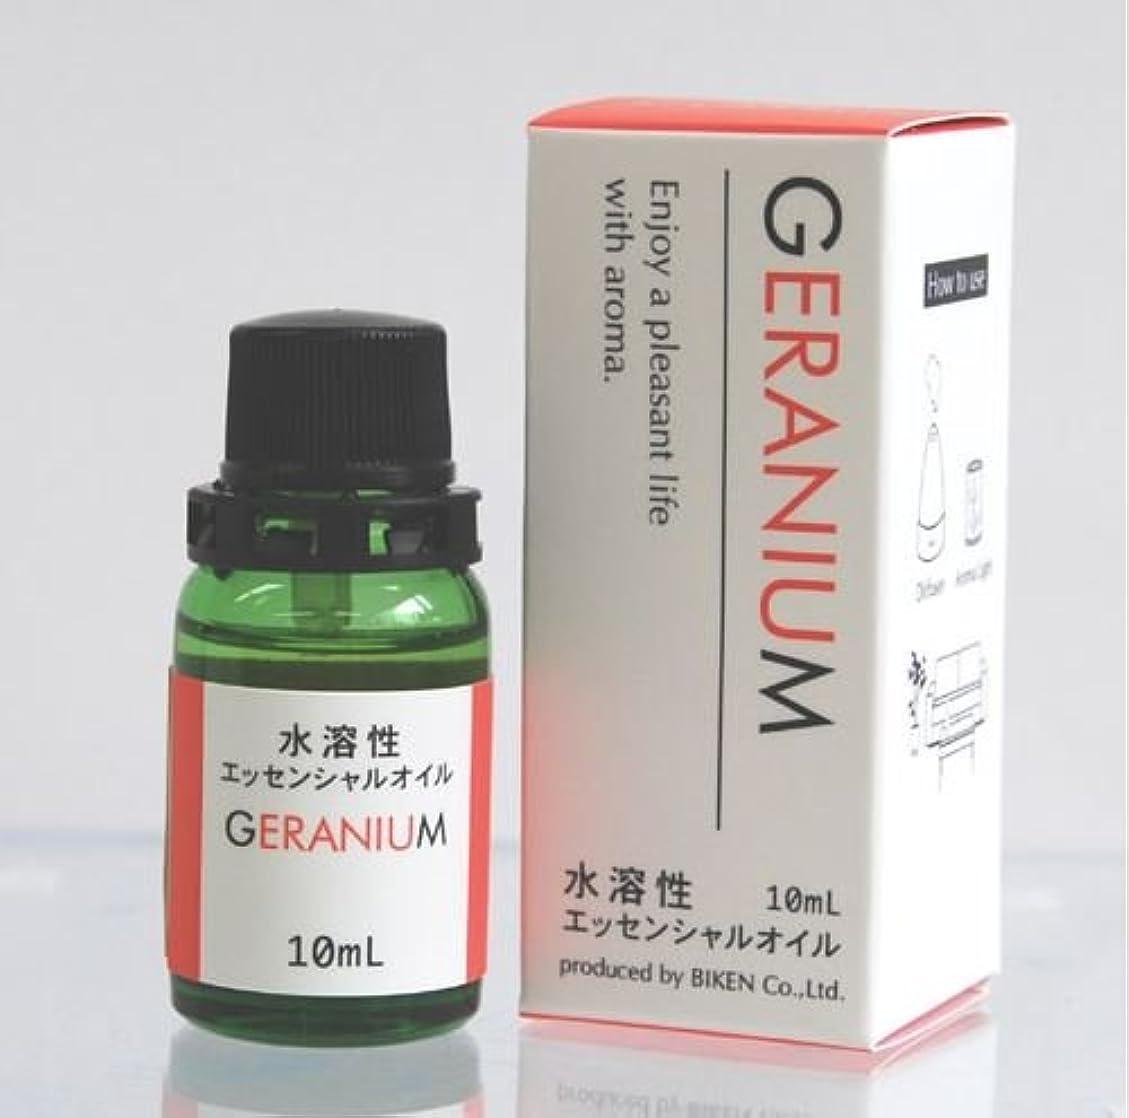 スタッフ塩辛い考え水溶性エッセンシャルオイル ゼラニウム